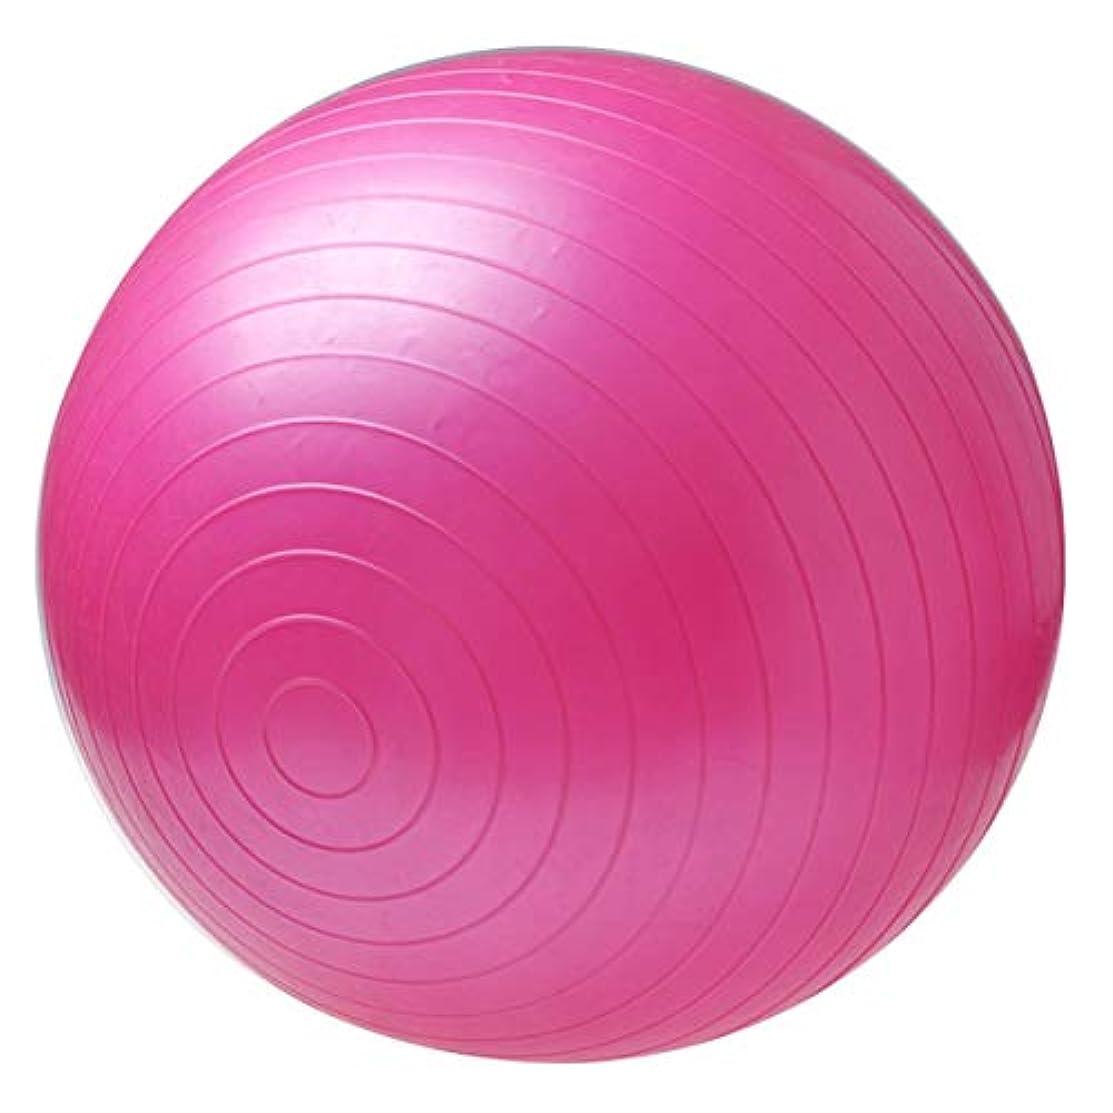 舗装する小さい通り非毒性スポーツヨガボールボラピラティスフィットネスジムバランスフィットボールエクササイズピラティスワークアウトマッサージボール - ピンク75センチ